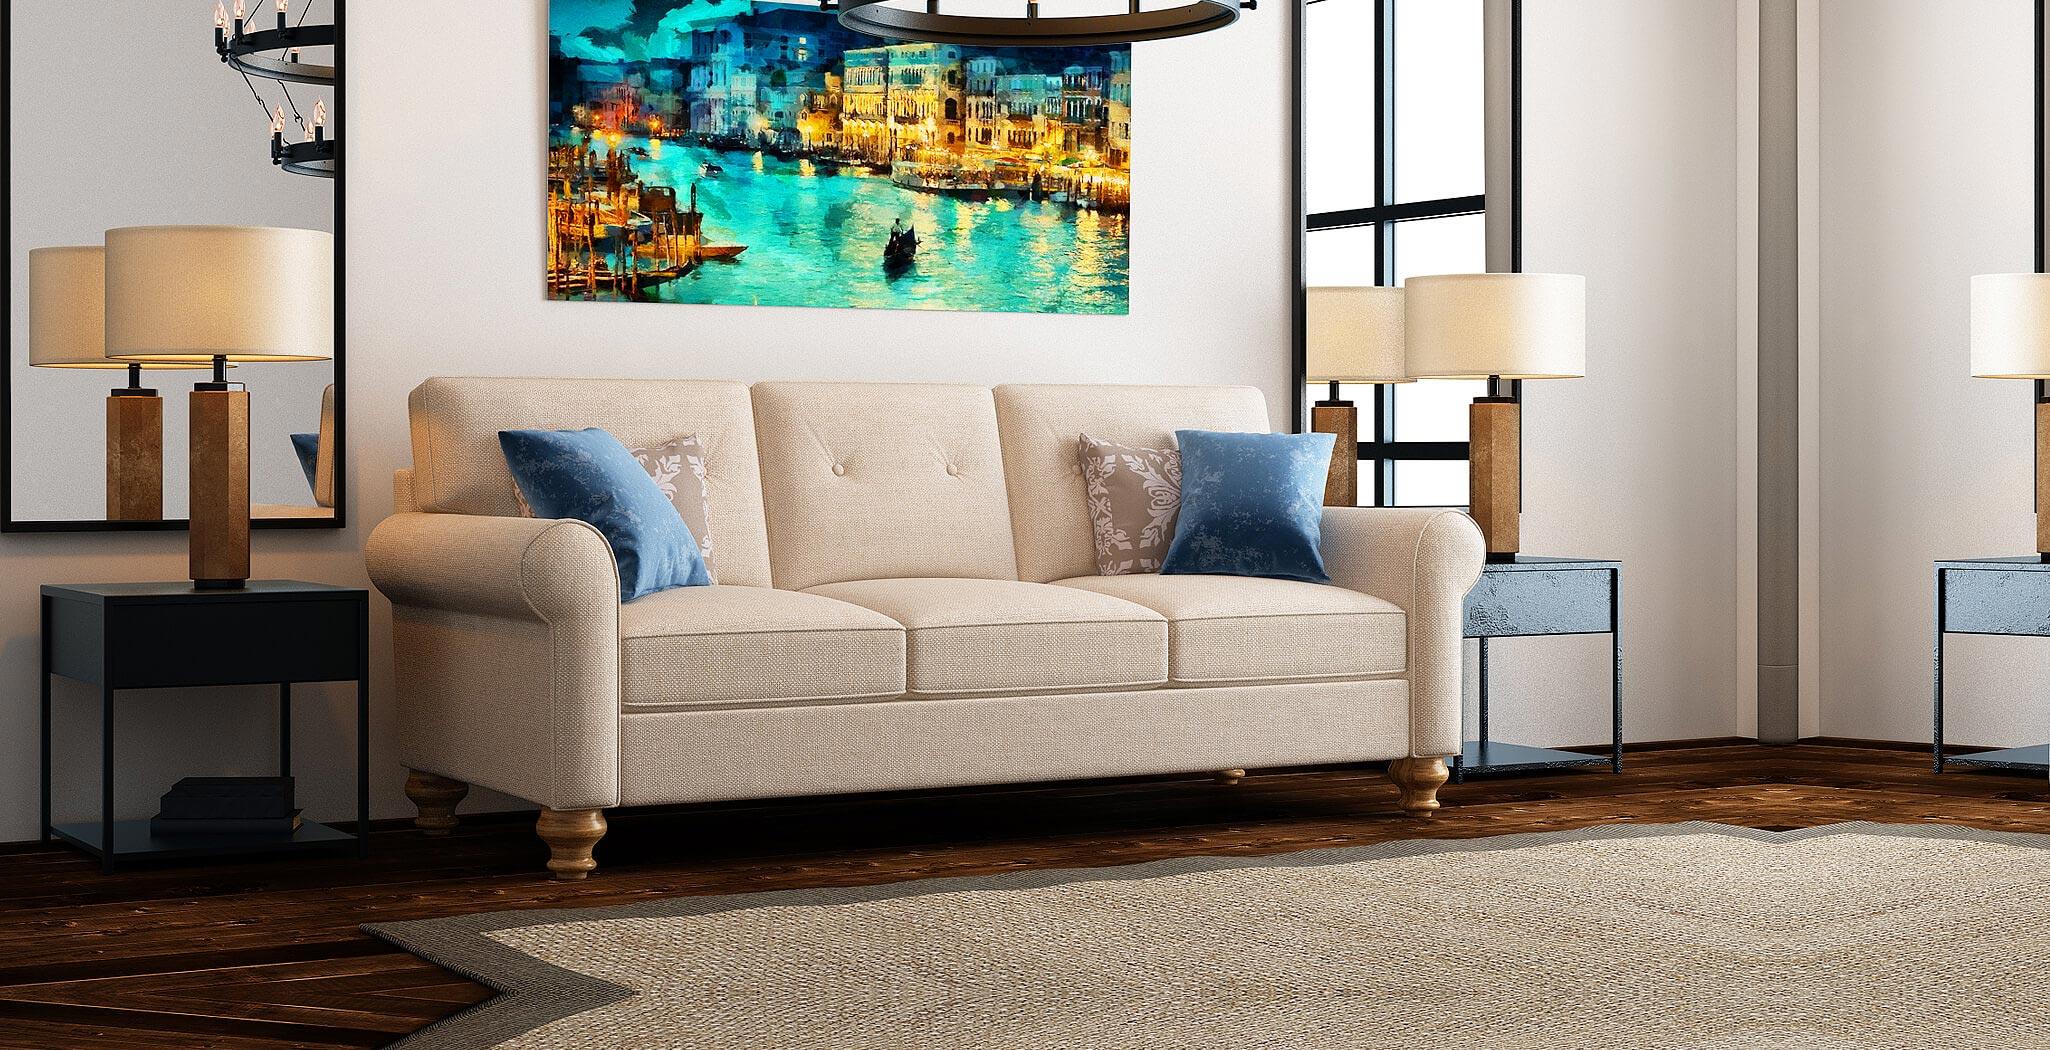 farah sofa furniture gallery 1